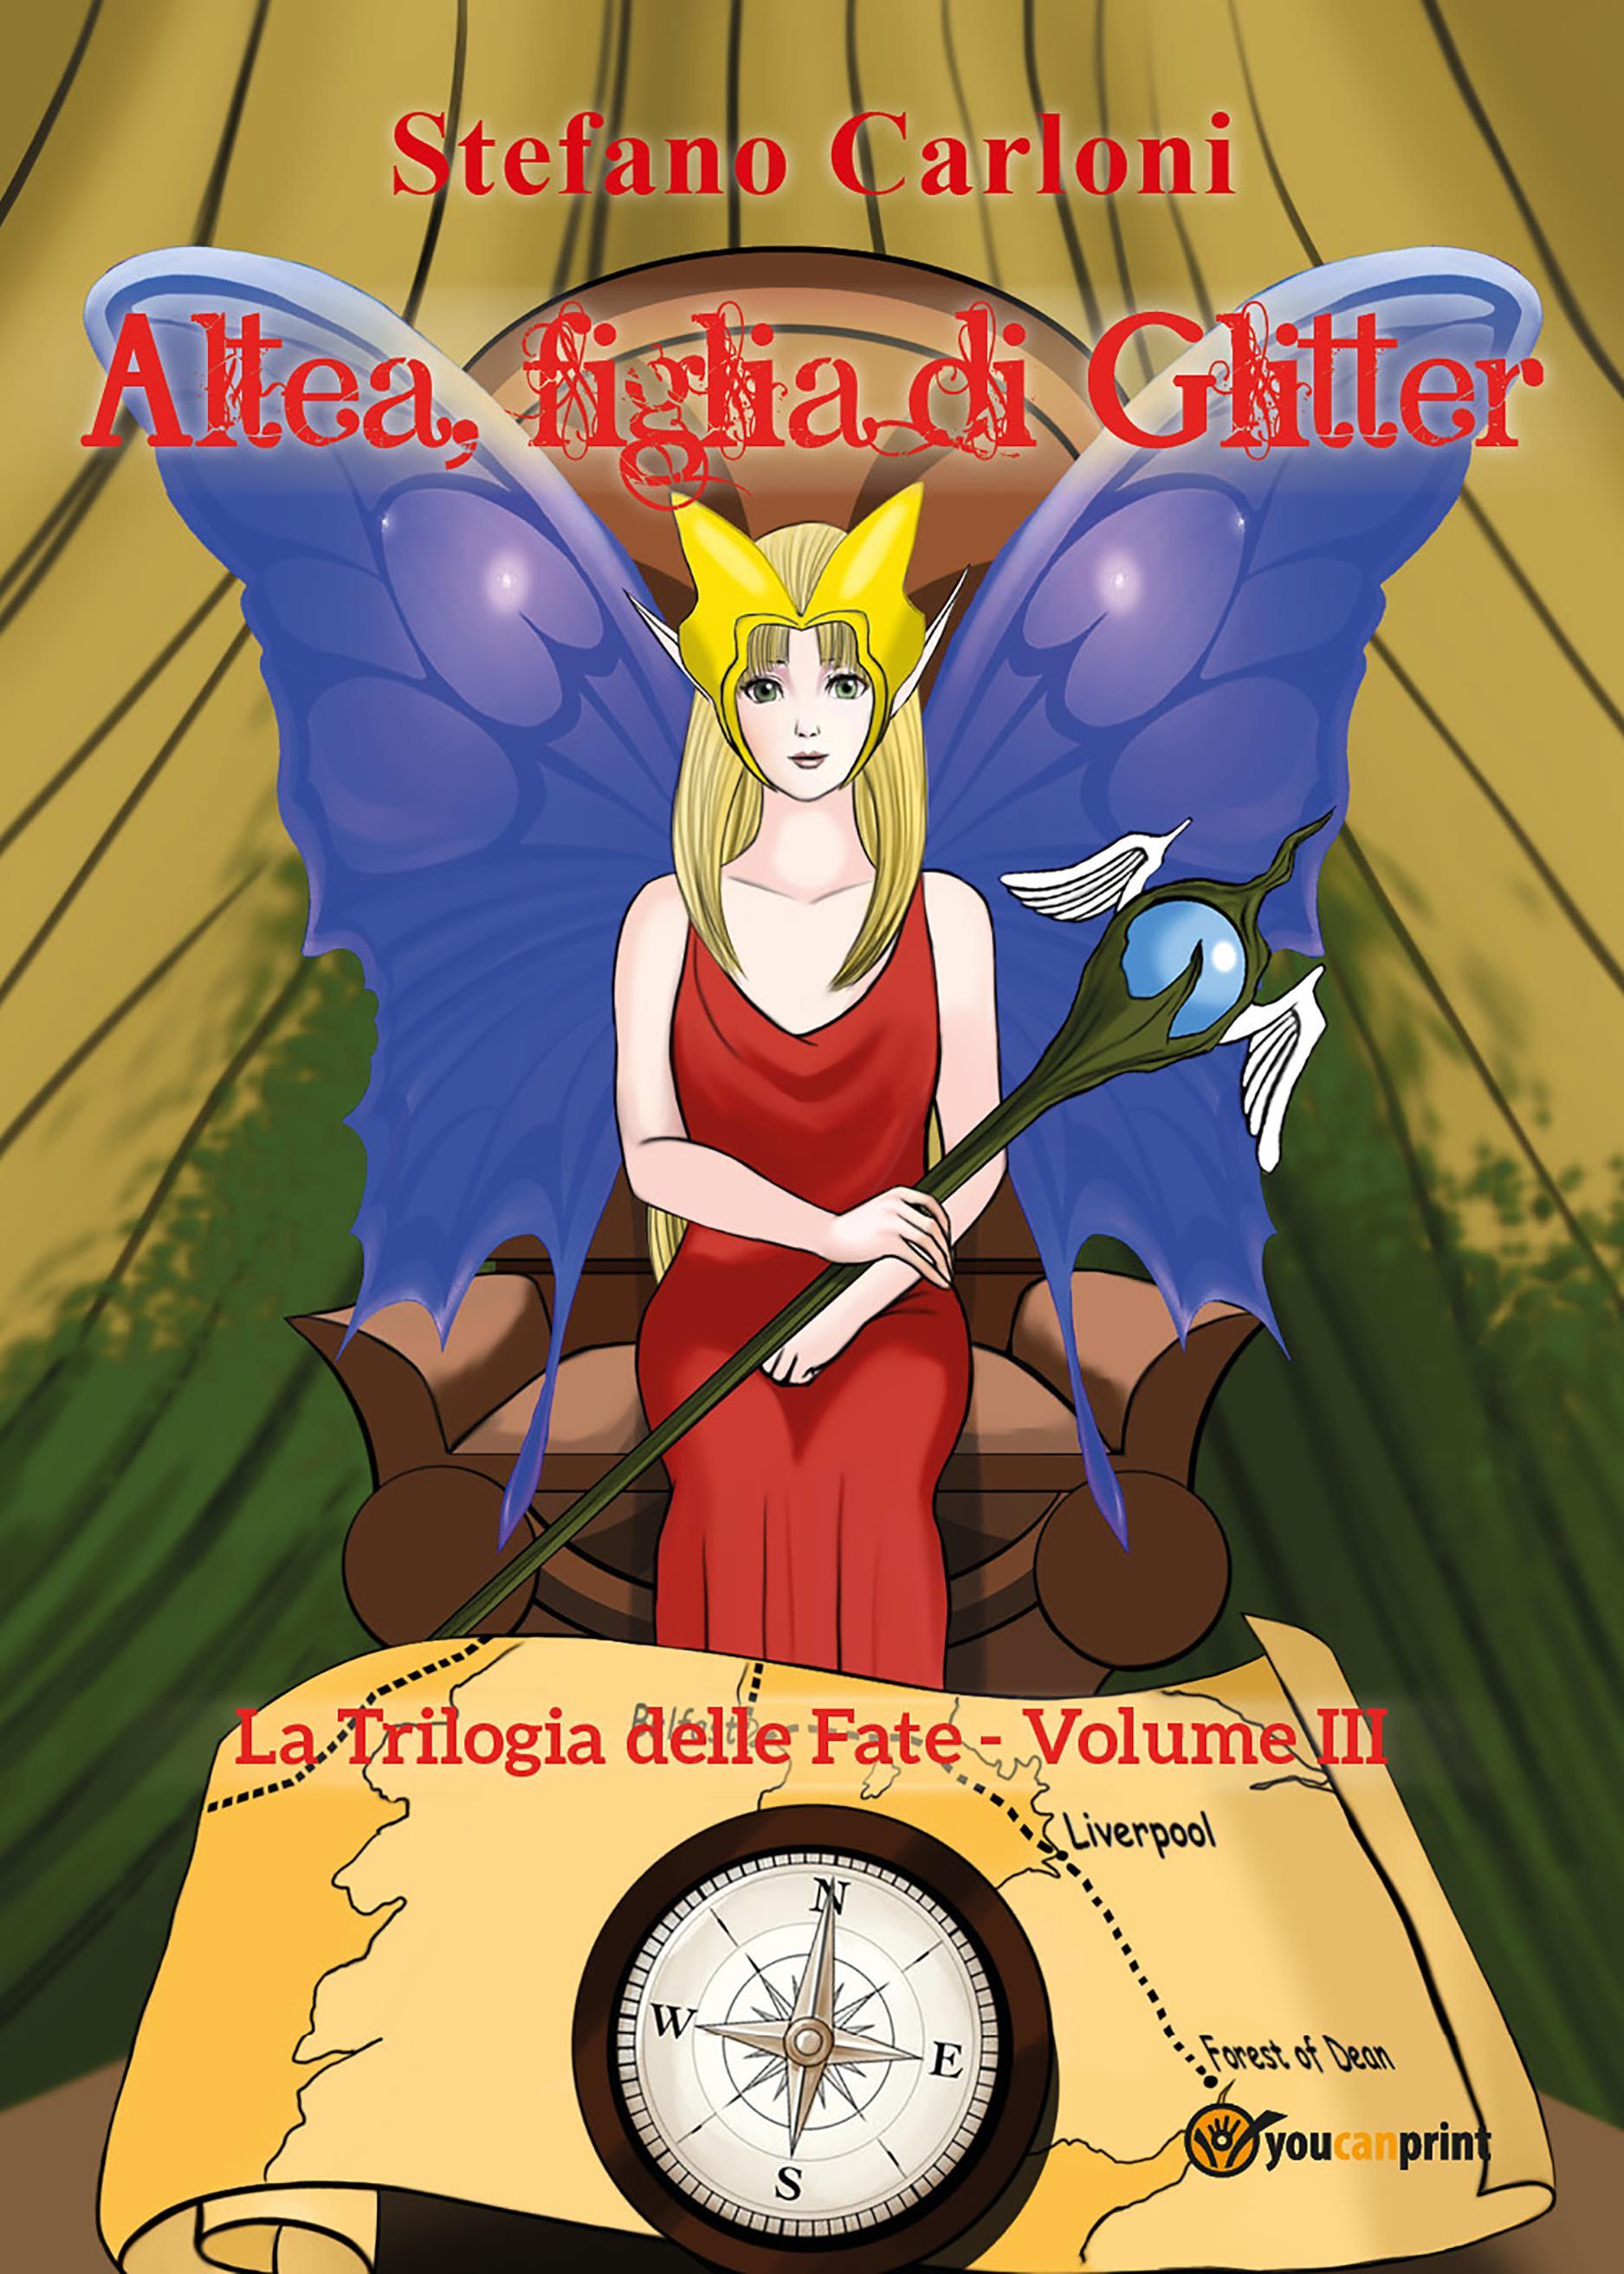 Altea, figlia di Glitter. La Trilogia delle Fate - Volume III